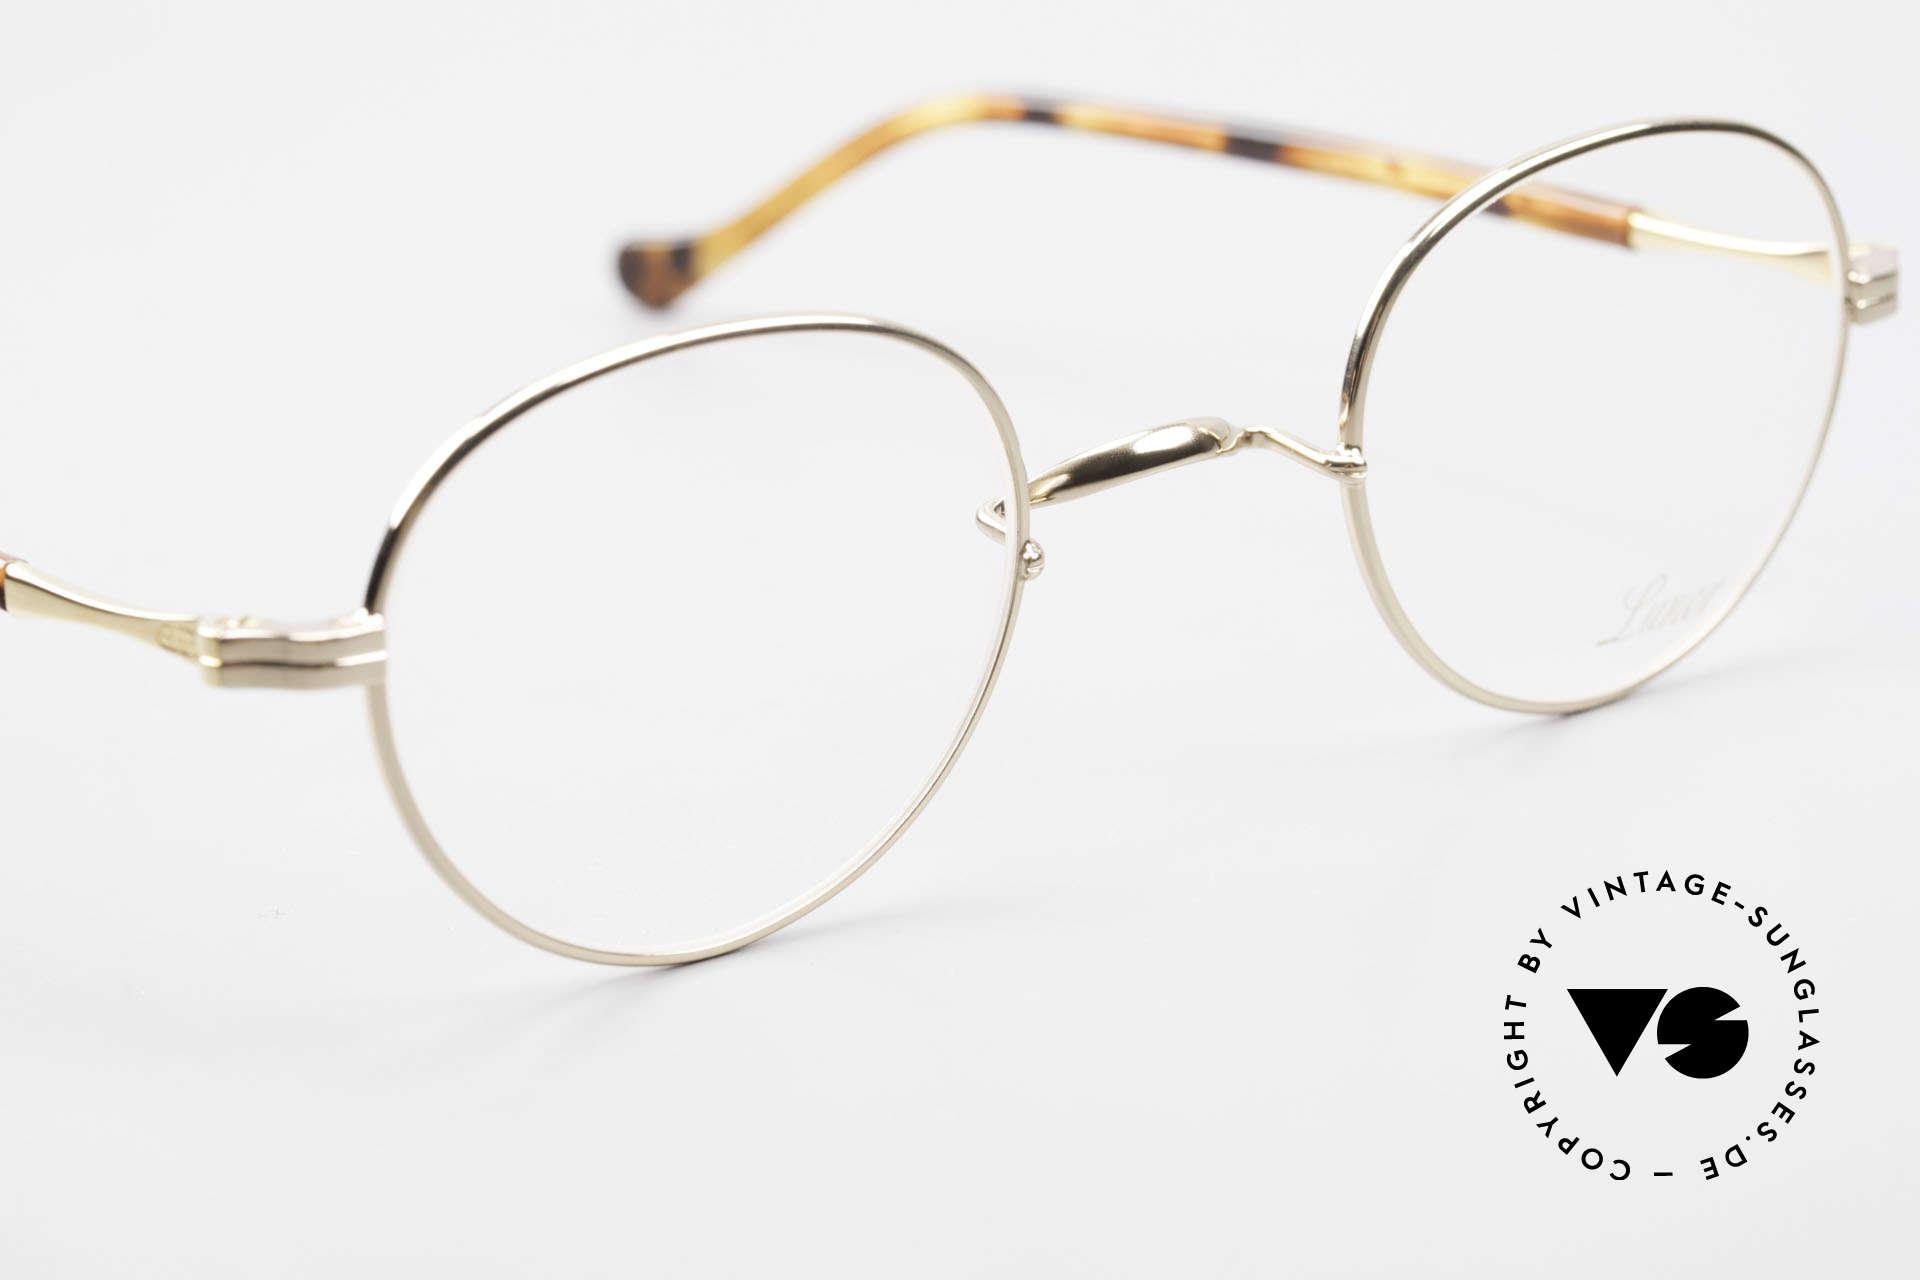 Lunor II A 22 Runde Vintage Brille Vergoldet, altes, ungetragenes LUNOR Original von circa 2010, Passend für Herren und Damen